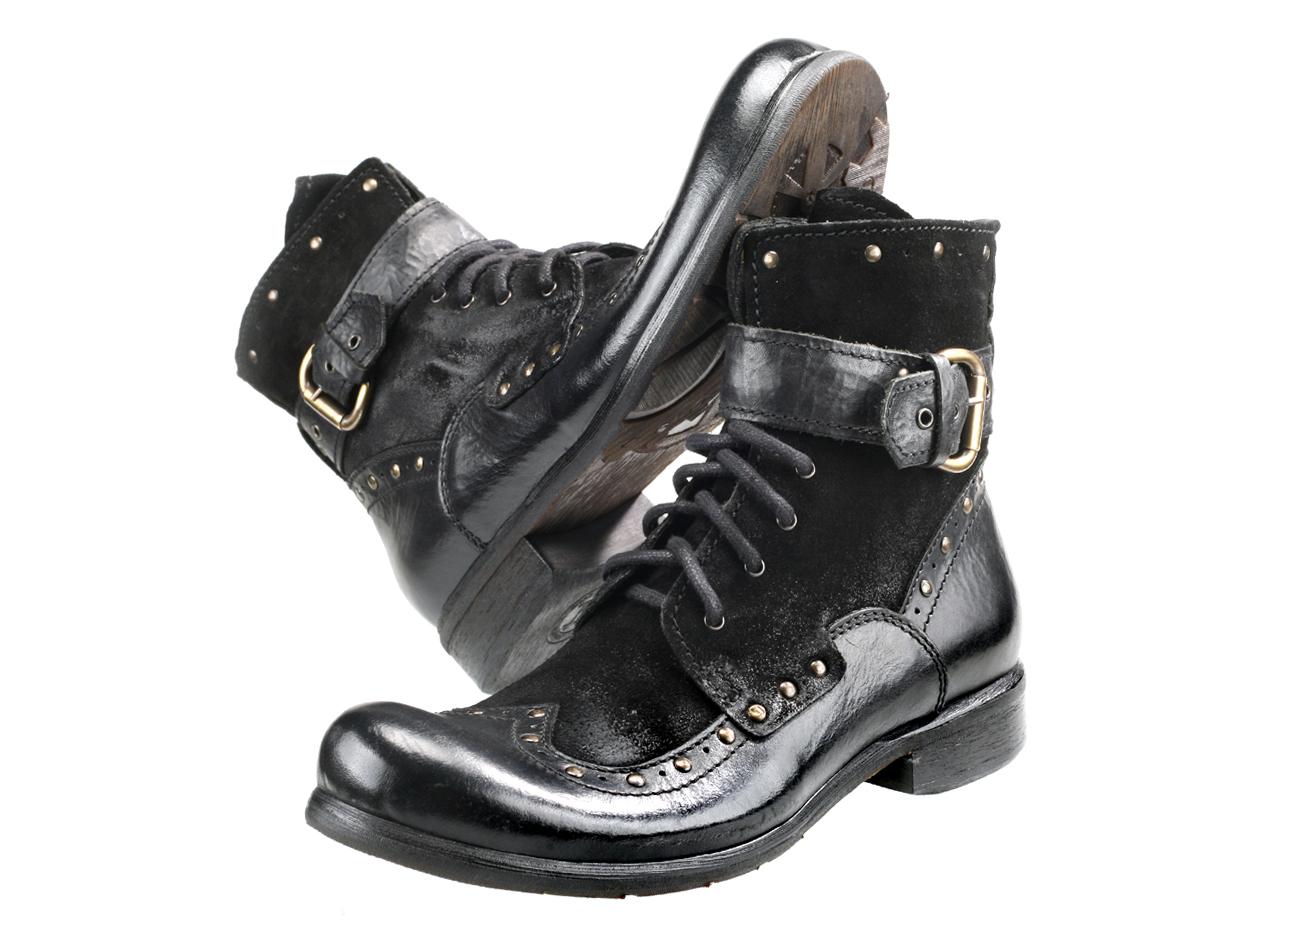 Obuwie Glany id  196 Comodo E Sano - obuwie doskonałe. Internetowy ... e3cb9af711e